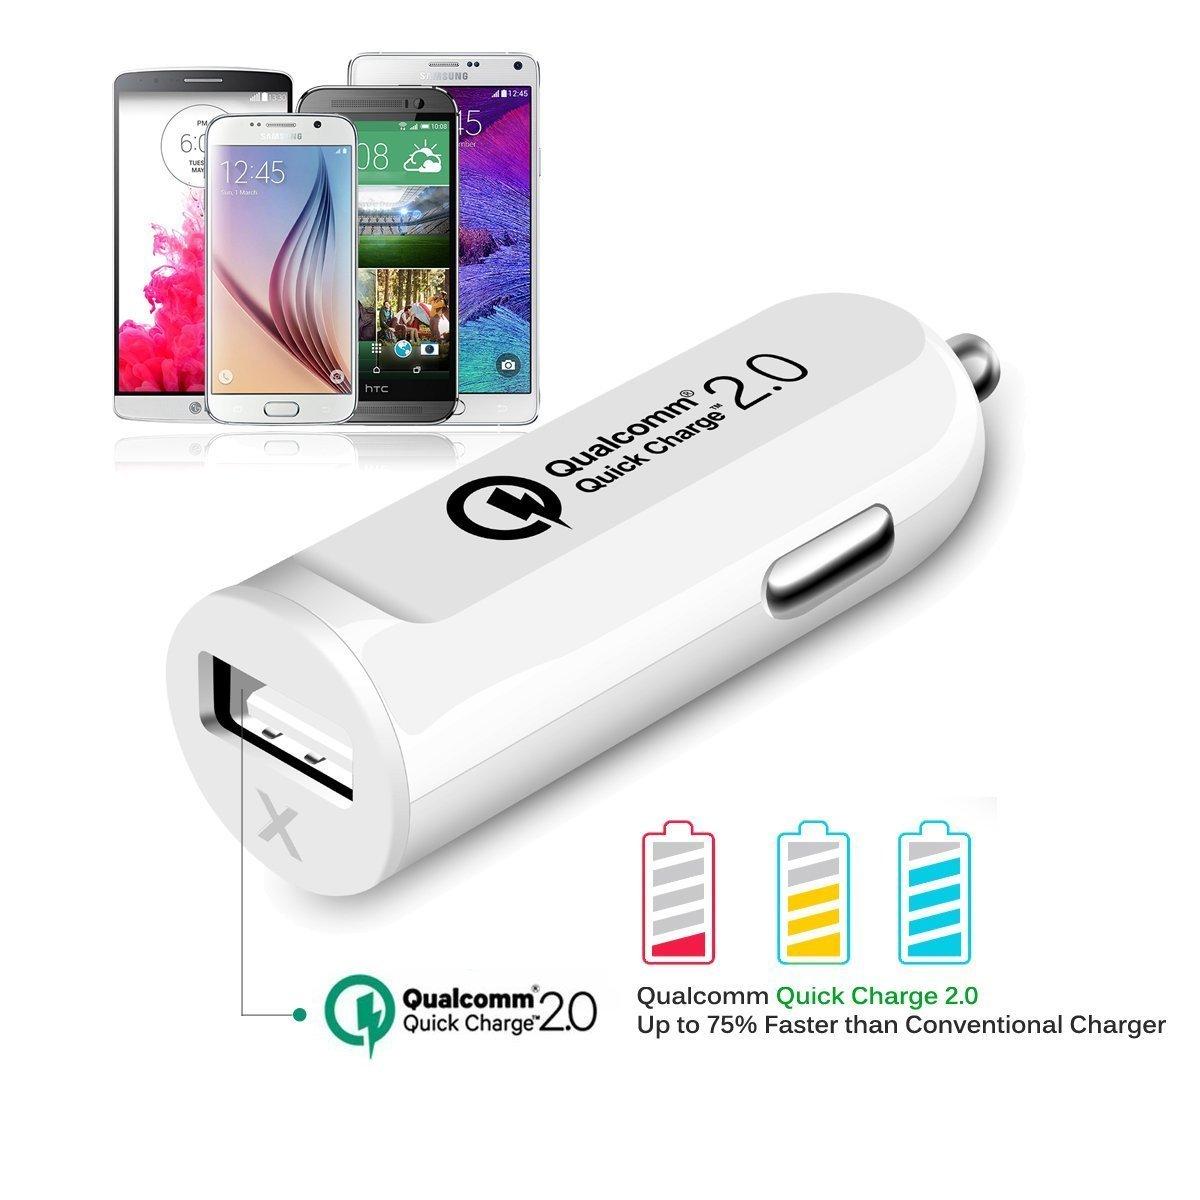 Amazon.com: Cargador HTC uno M9 rápida (Quick Charge 2.0 cargador de coche), PRODUCTOS 18W USB cargador de coche adaptable Turbo cargador rápido con [24 ...